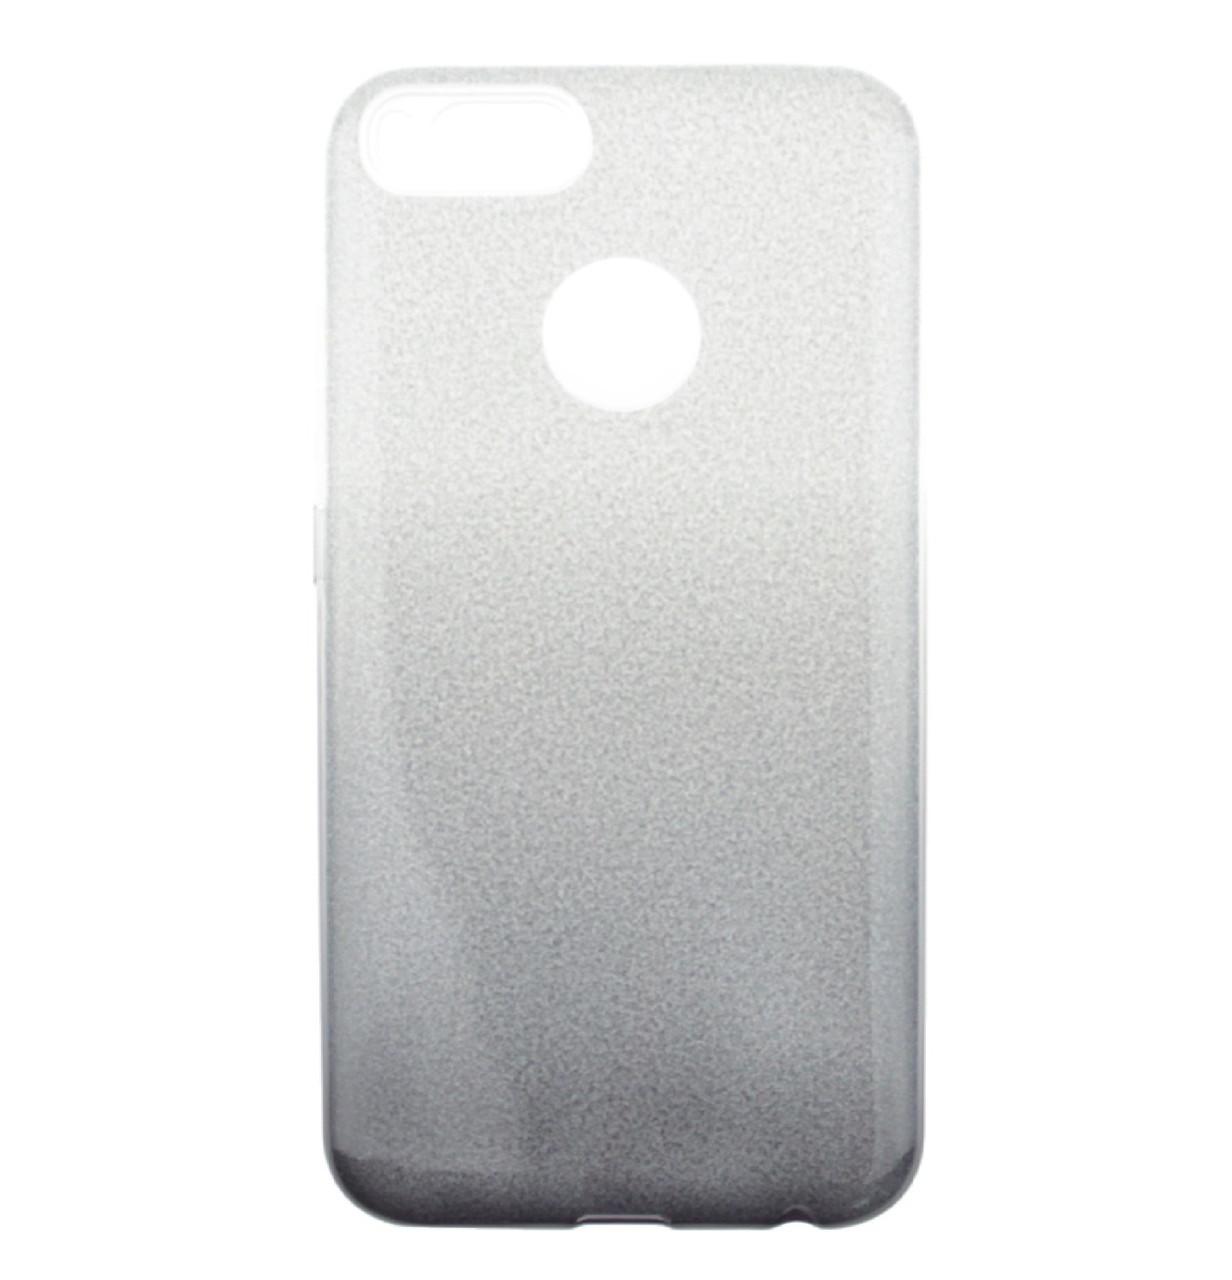 Чехол-накладка TOTO TPU Case Rose series Gradient 3 in 1 для Xiaomi Mi A1 / Mi 5X Silver / Black